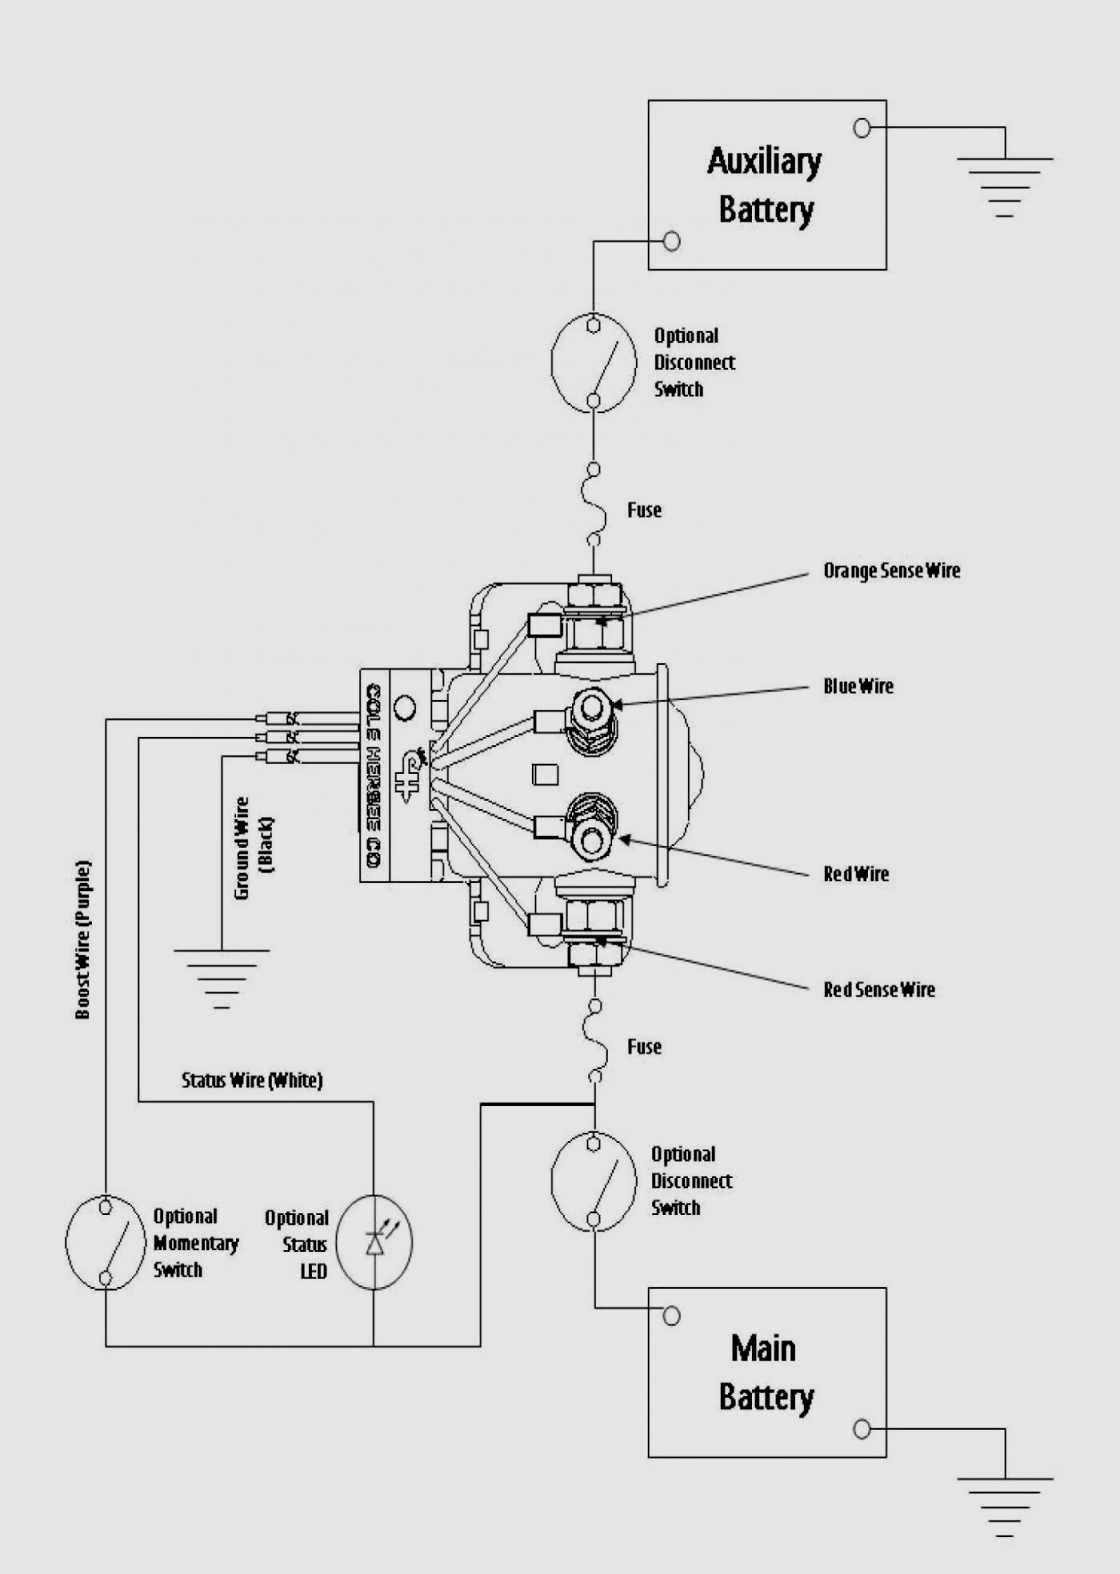 Bushtec Trailer Wiring Diagram Seniorsclub It Circuit Water Circuit Water Seniorsclub It